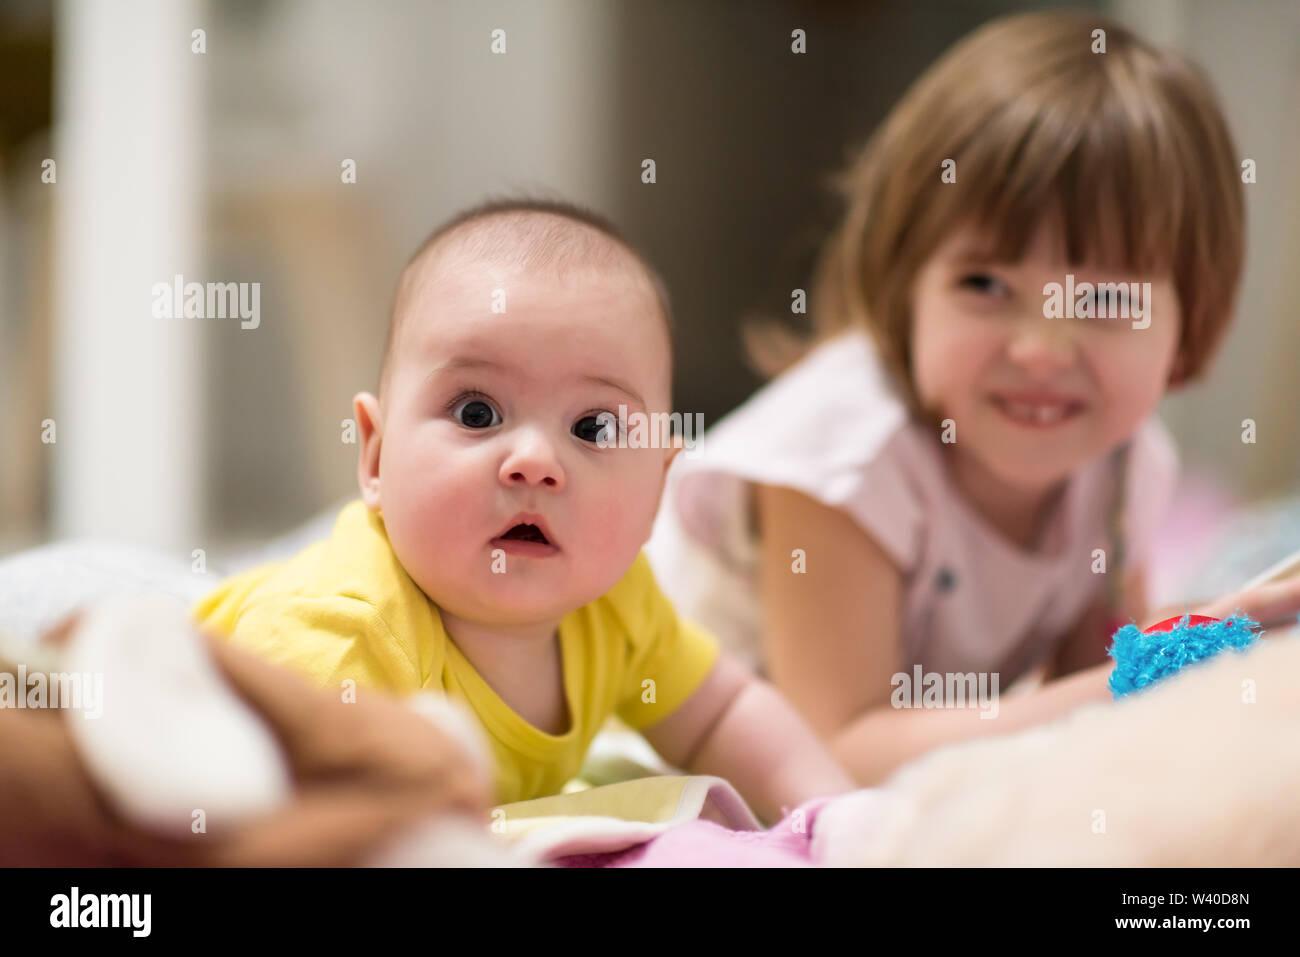 Familia feliz Little Sister y su hermano bebé acostado mientras juega en el suelo cubierto con mantas en casa Imagen De Stock